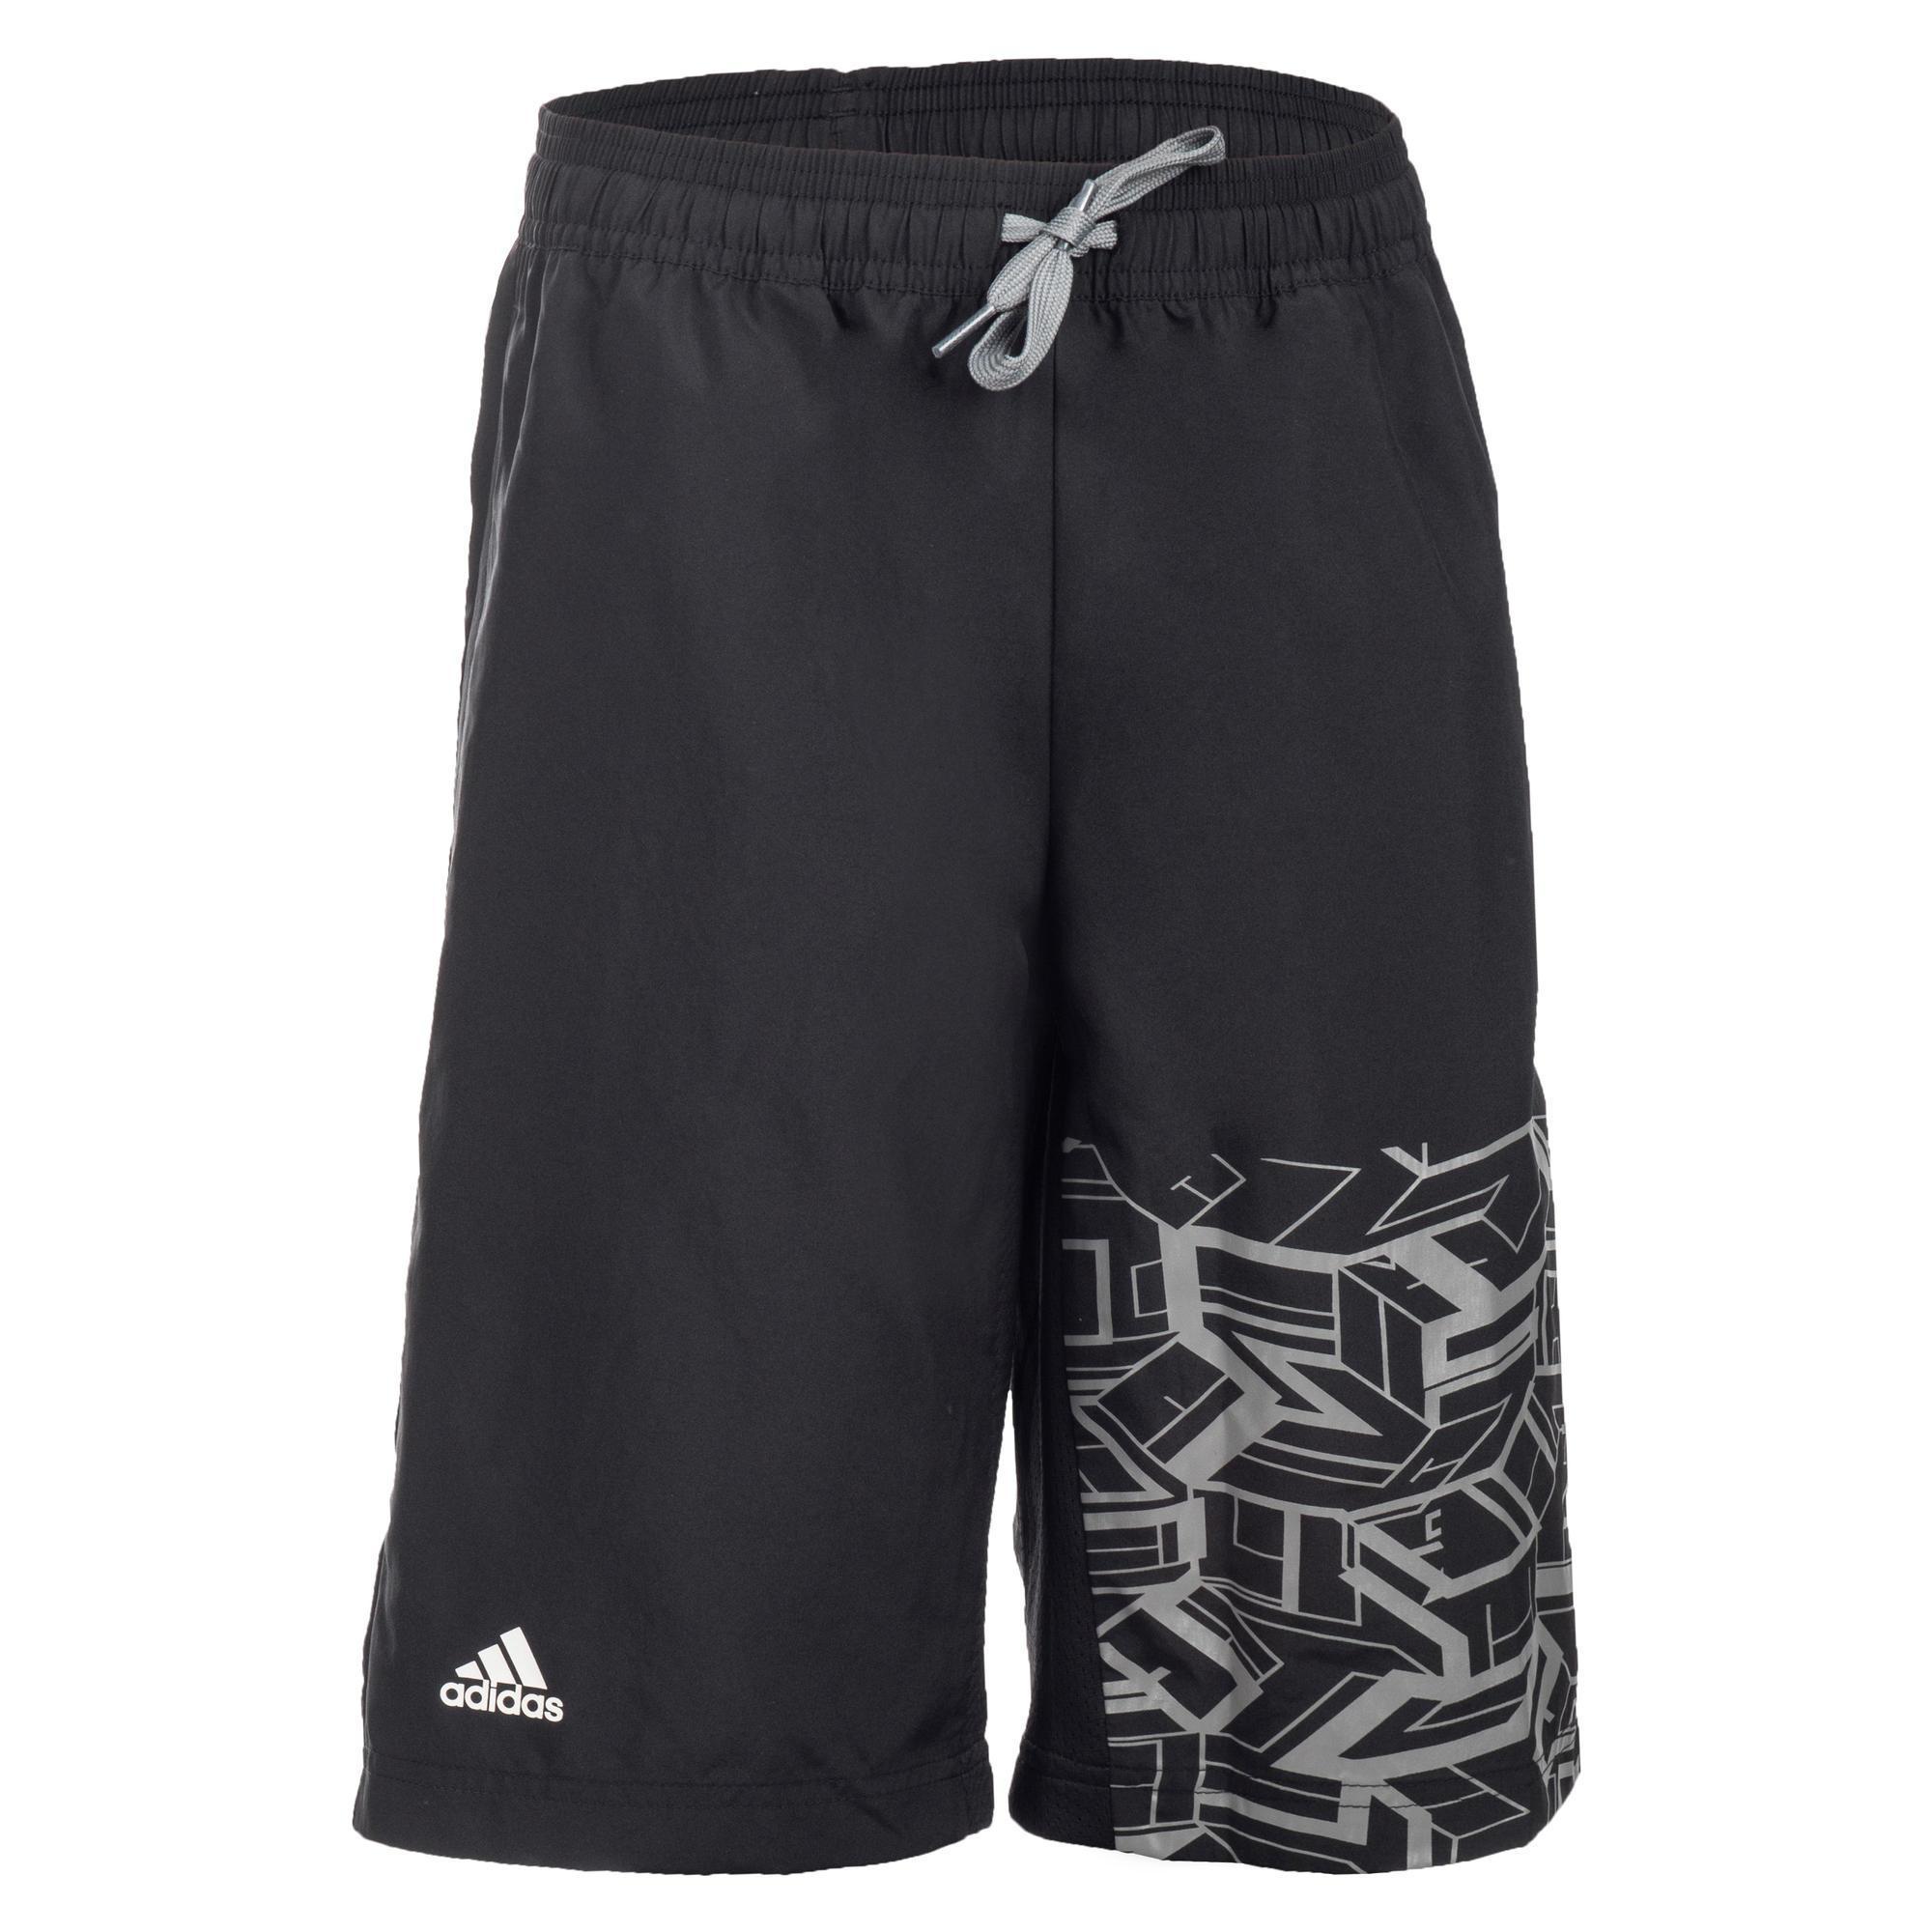 Adidas Gymshort voor jongens zwart